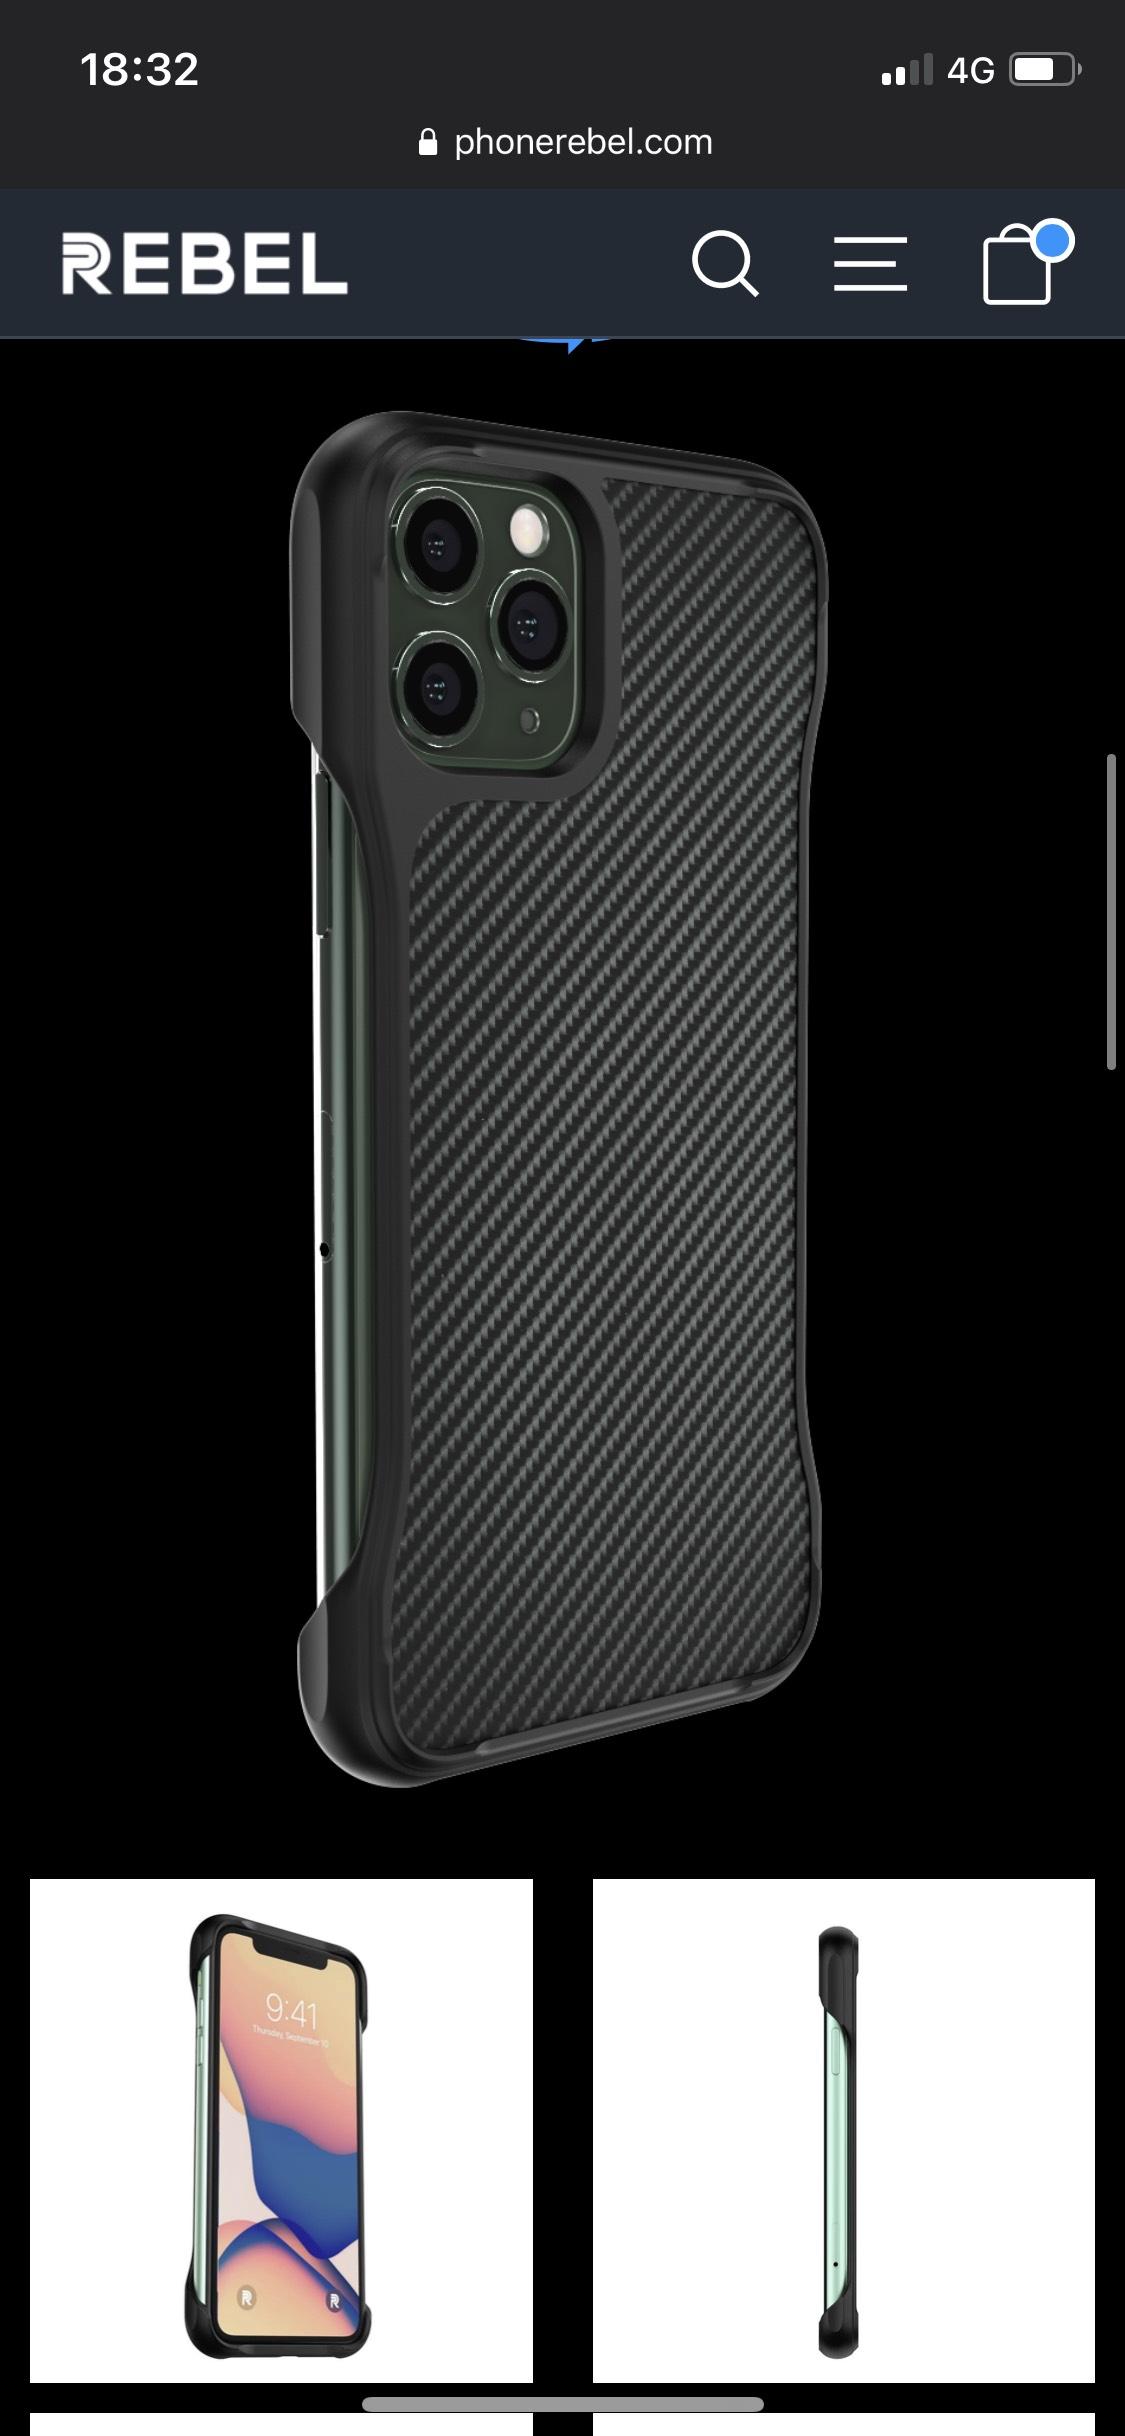 PhoneRebel iPhone 7 bis iPhone 11 Hüllen